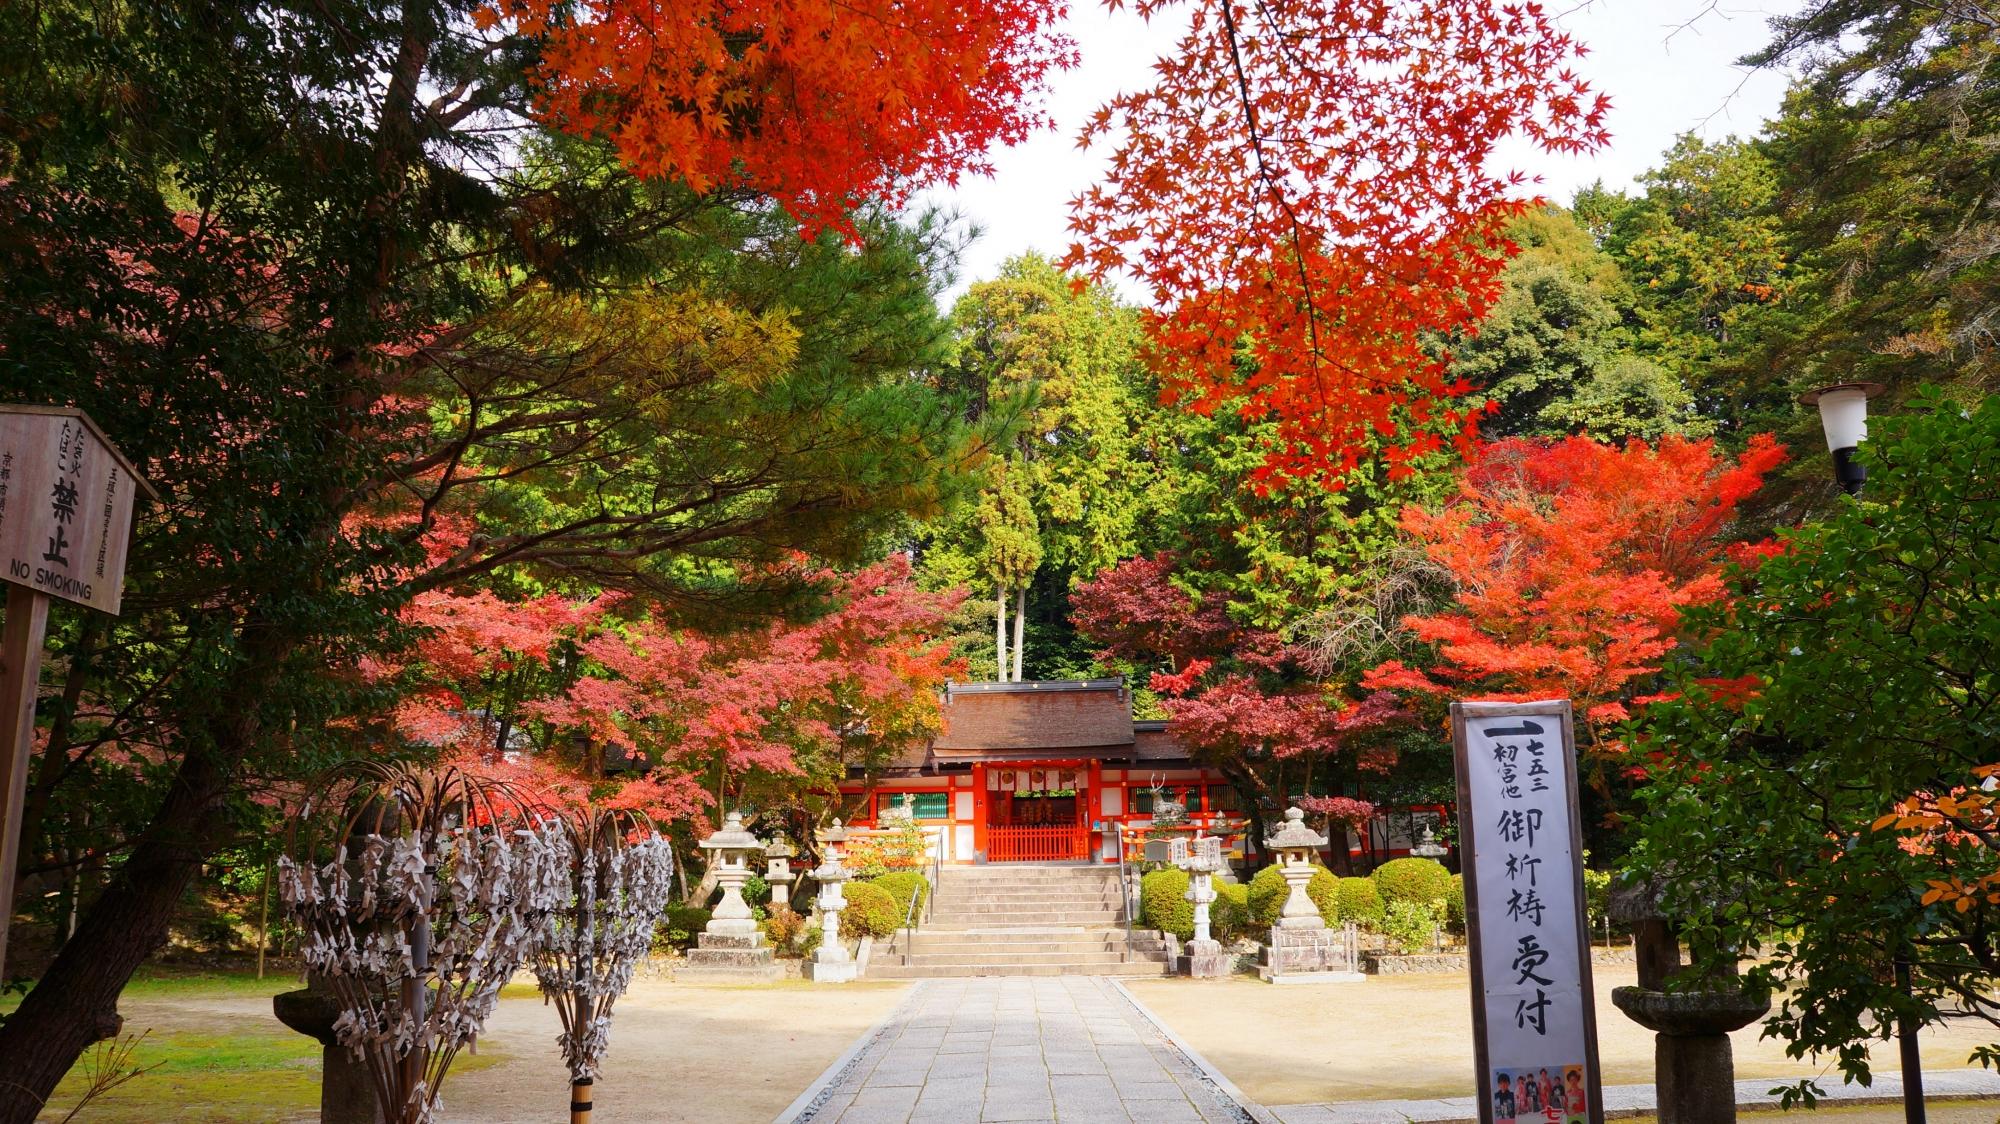 大原野神社の本殿と紅葉